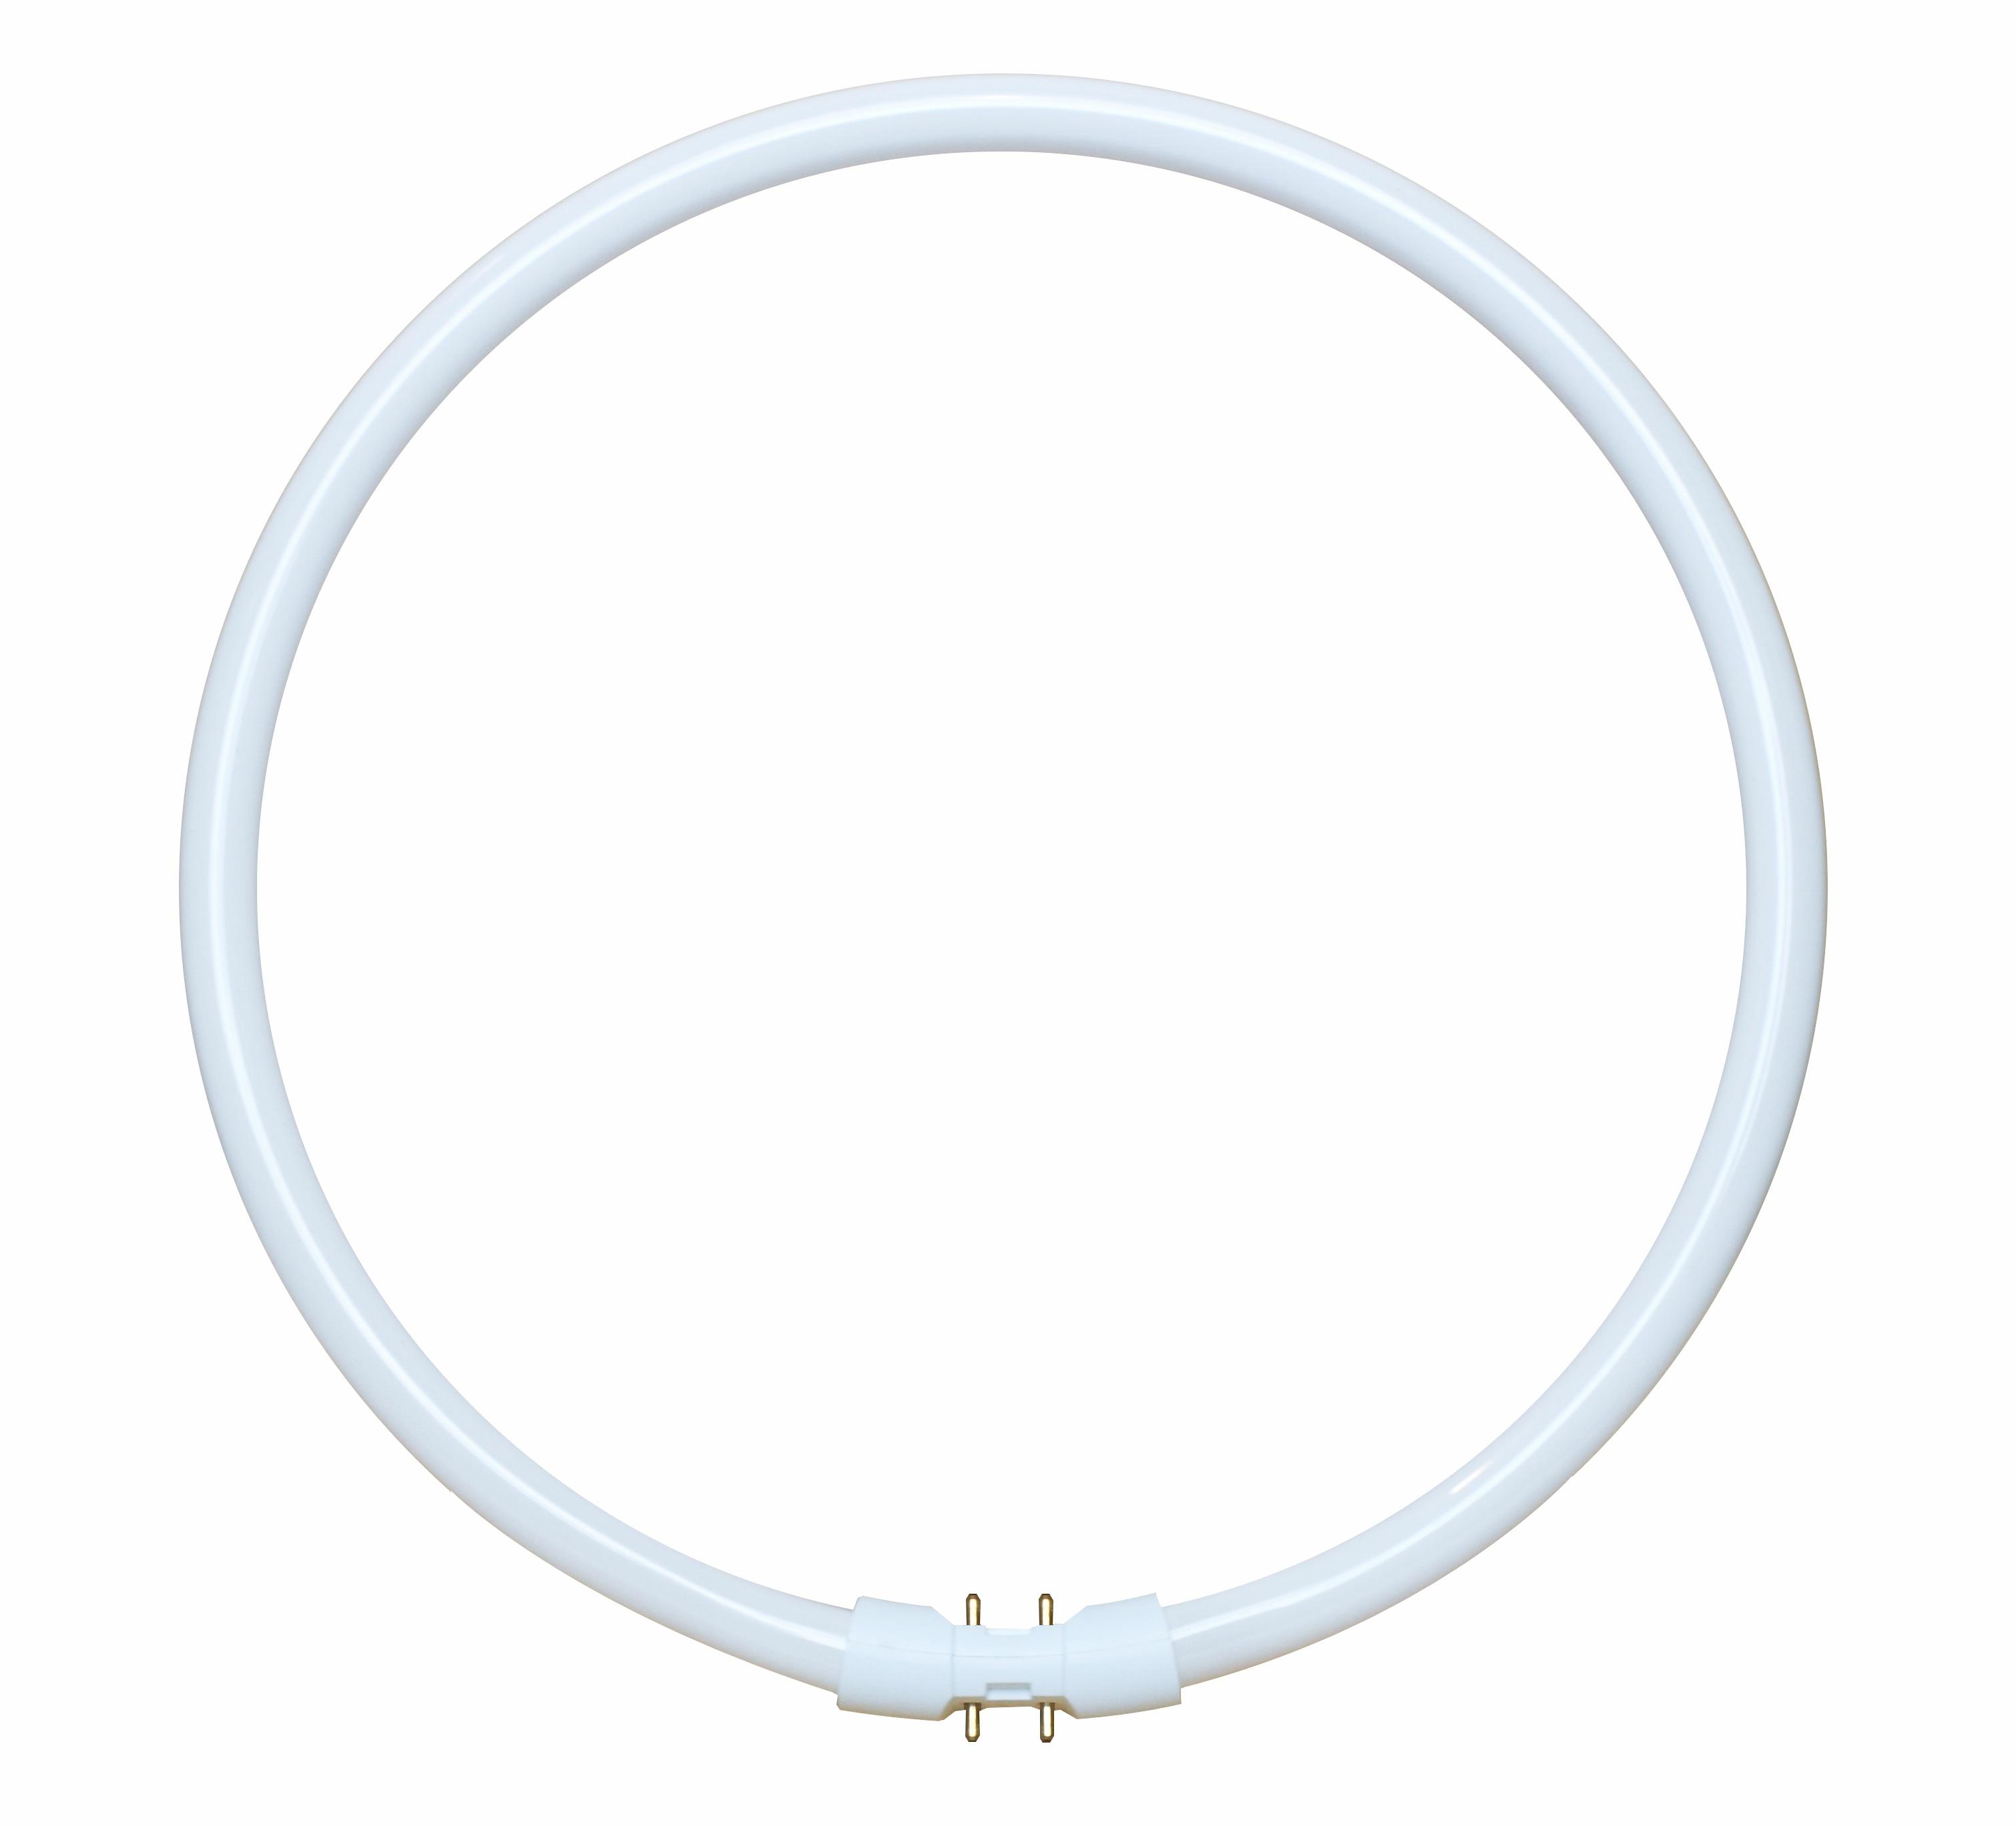 1 Stk T16-R 55W/827 2G13 Leuchtstofflampe kreisförmig LI5W646275